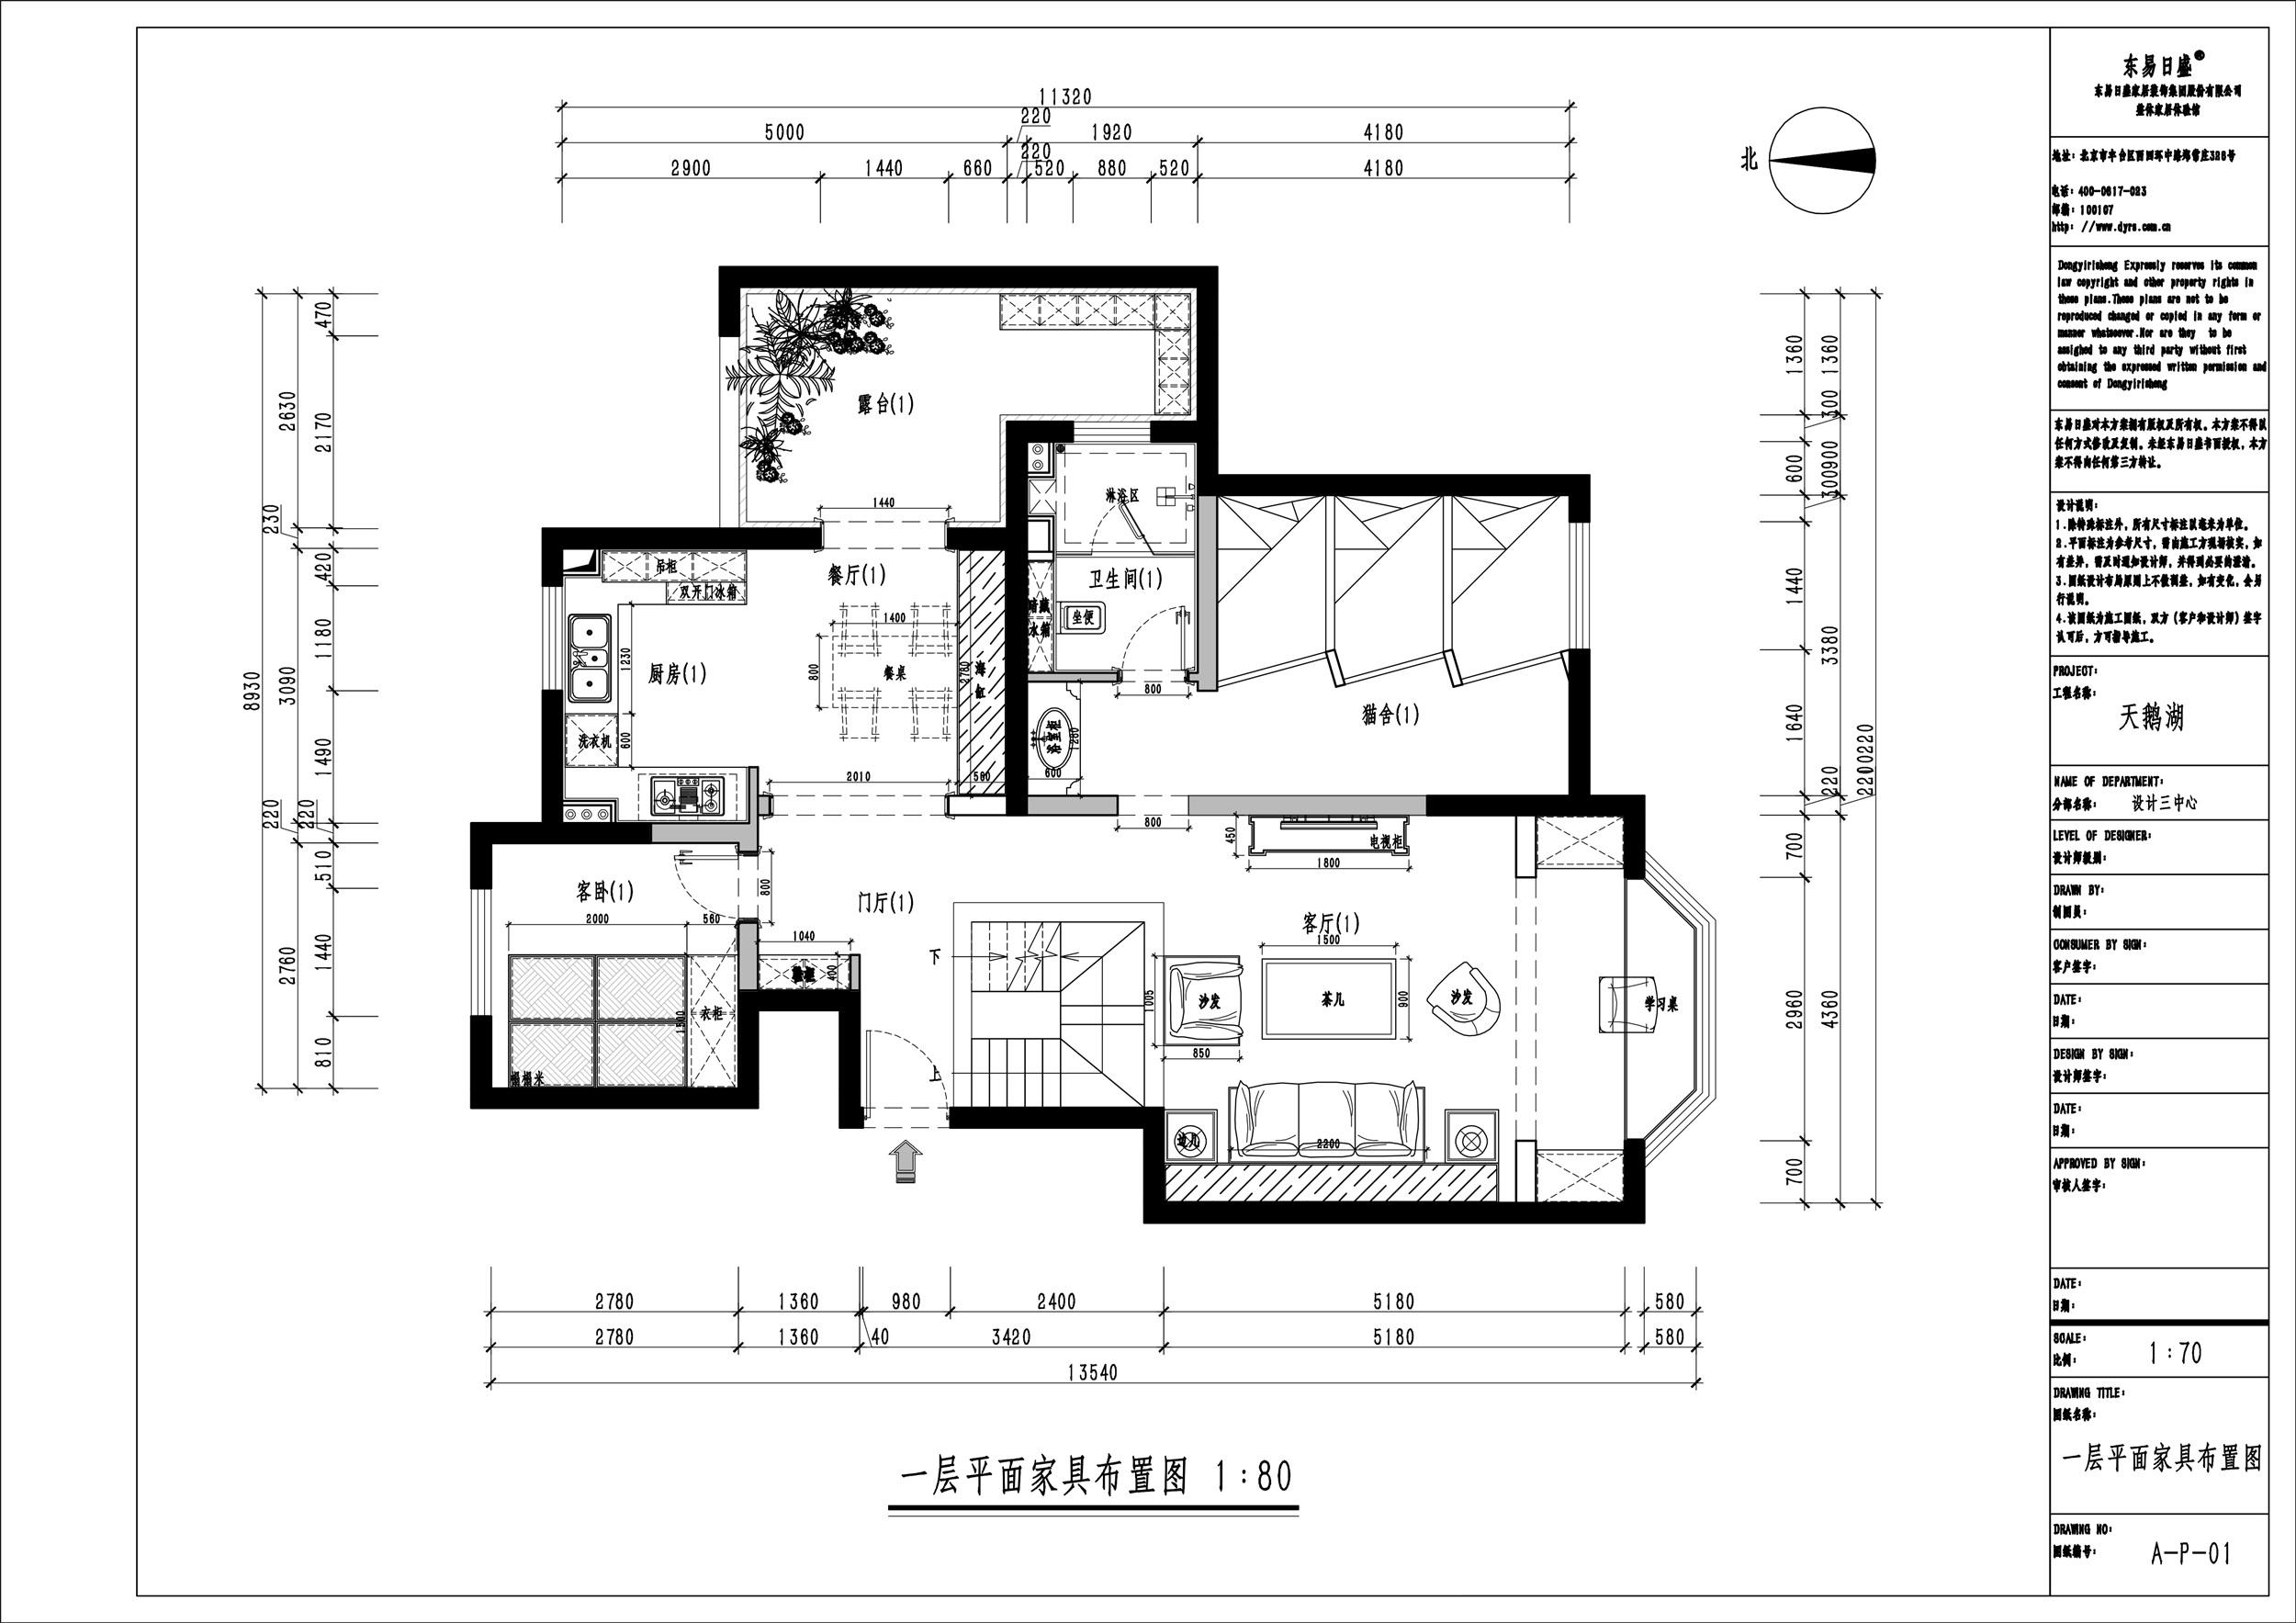 天鹅湖 混搭风格 218平米装修设计理念